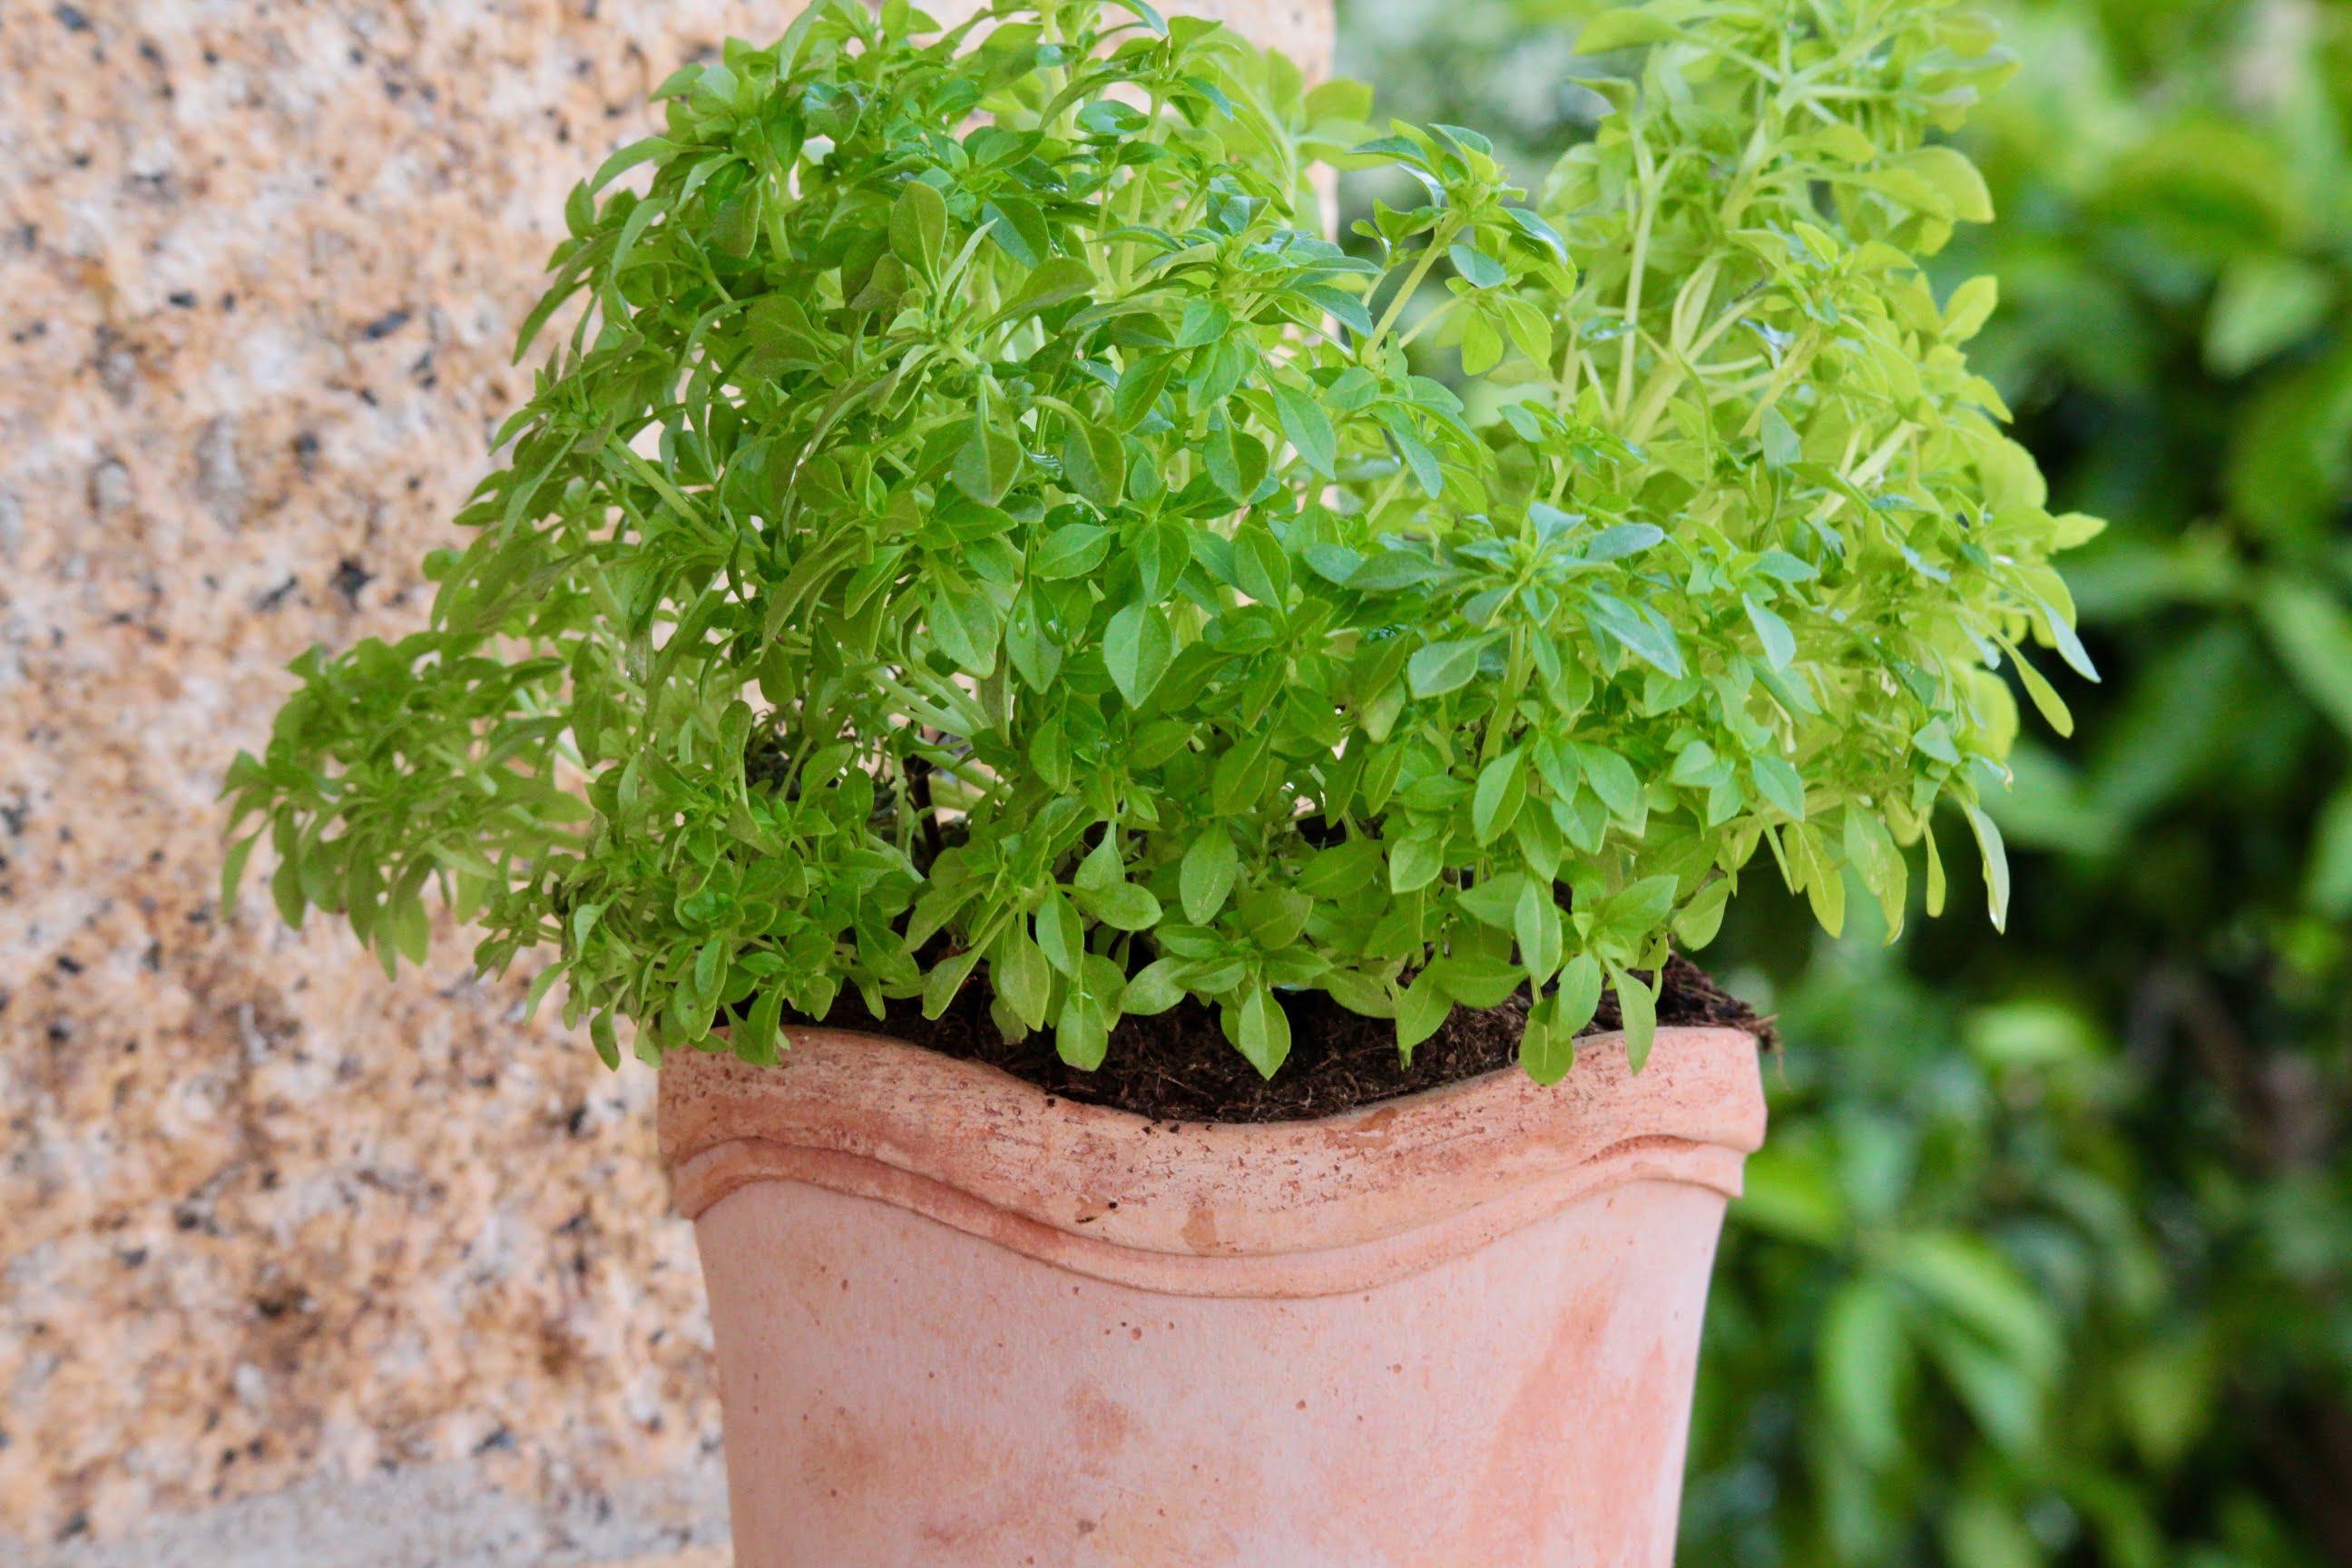 Quelle Plante Mettre Dans Un Grand Pot Exterieur les fines herbes : les cultiver, les conserver, les savourer